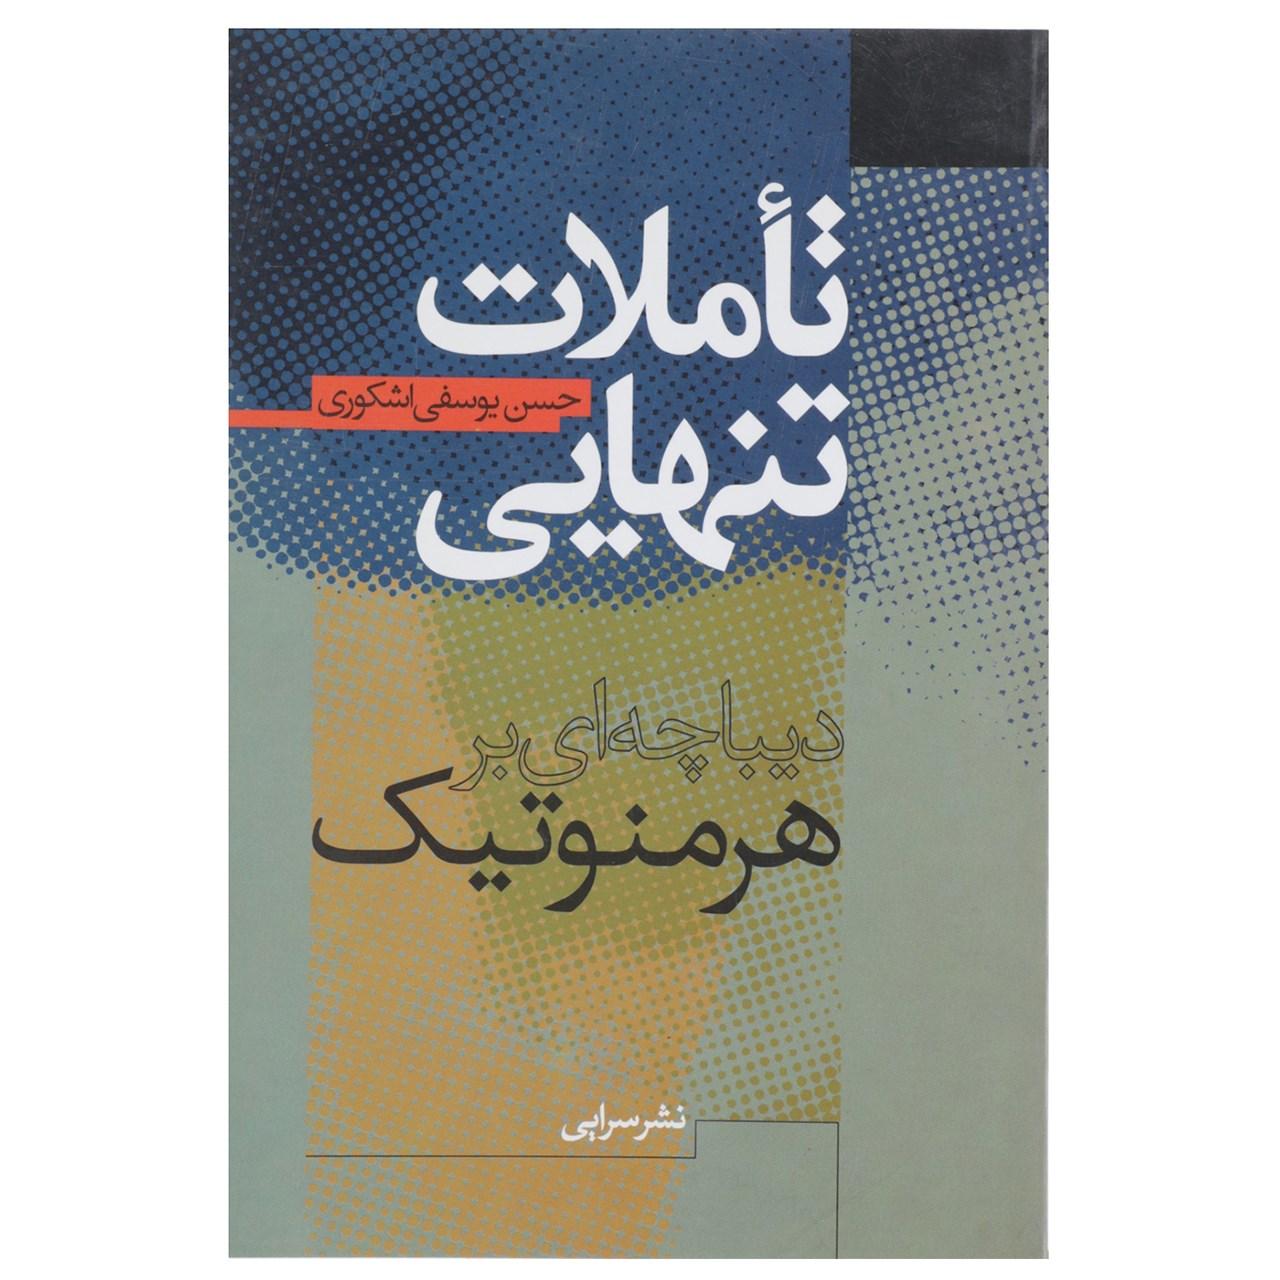 کتاب تاملات تنهایی اثر حسن یوسفی اشکوری